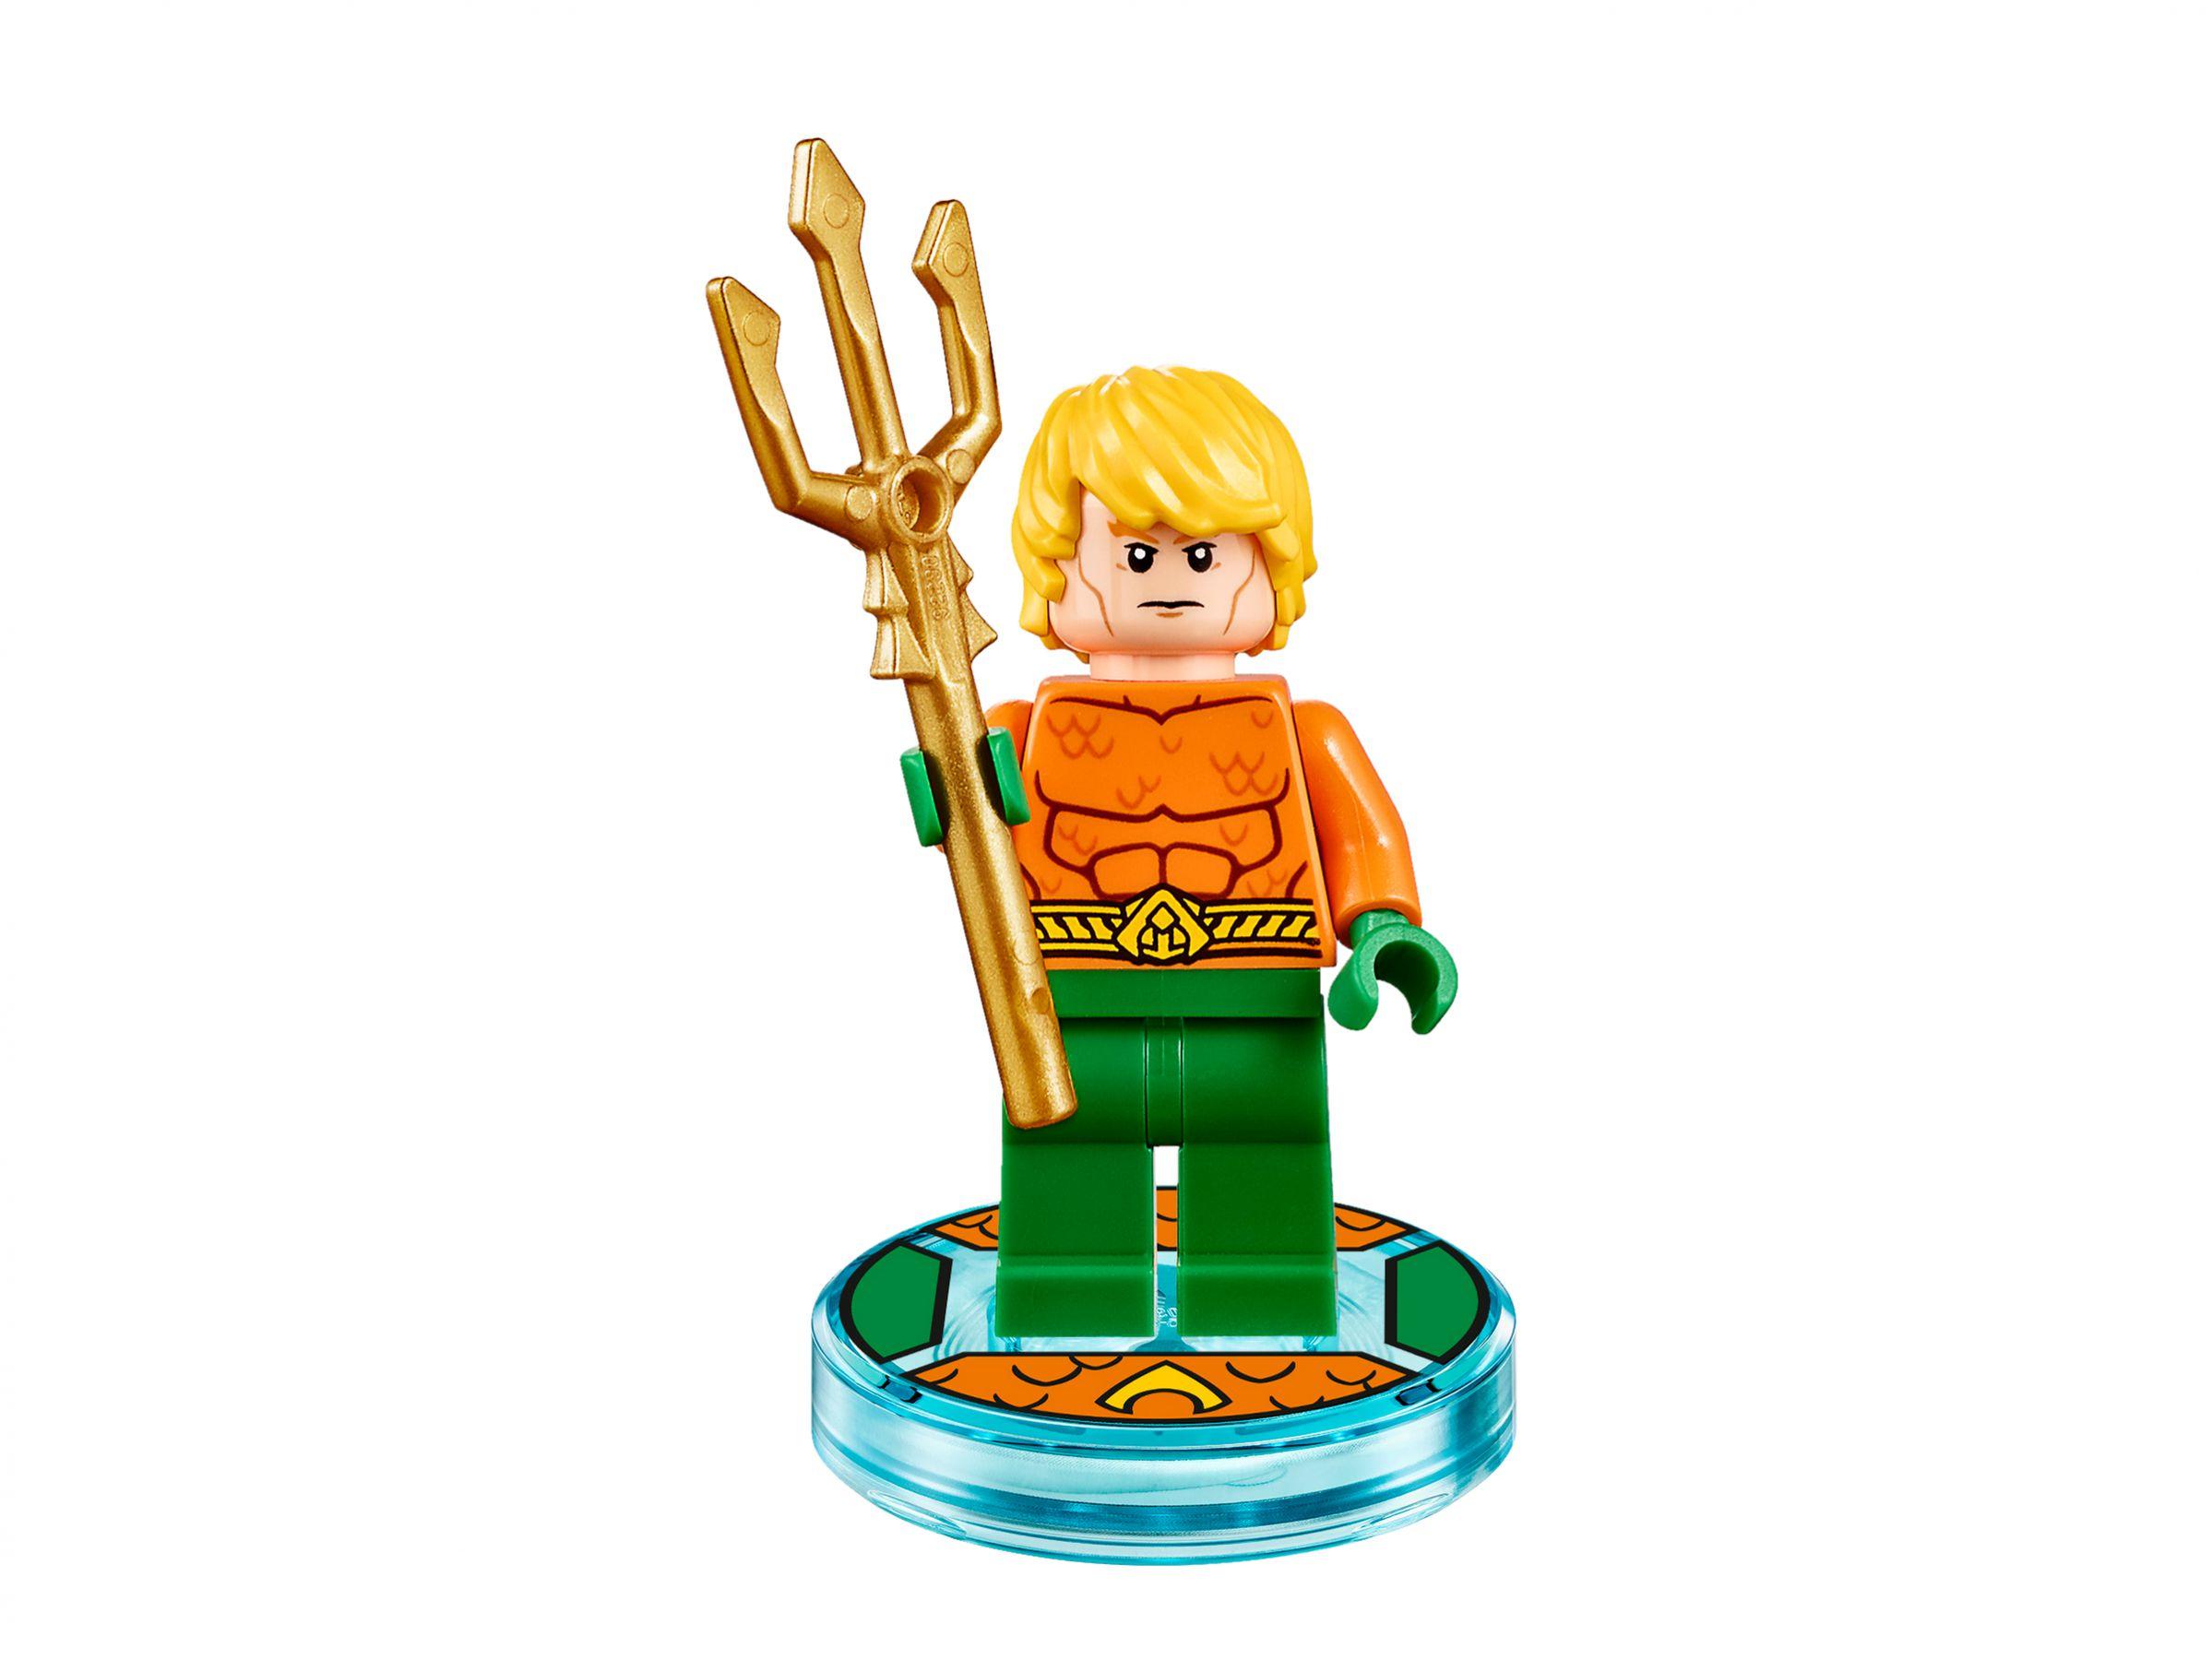 Лего аквамен картинки